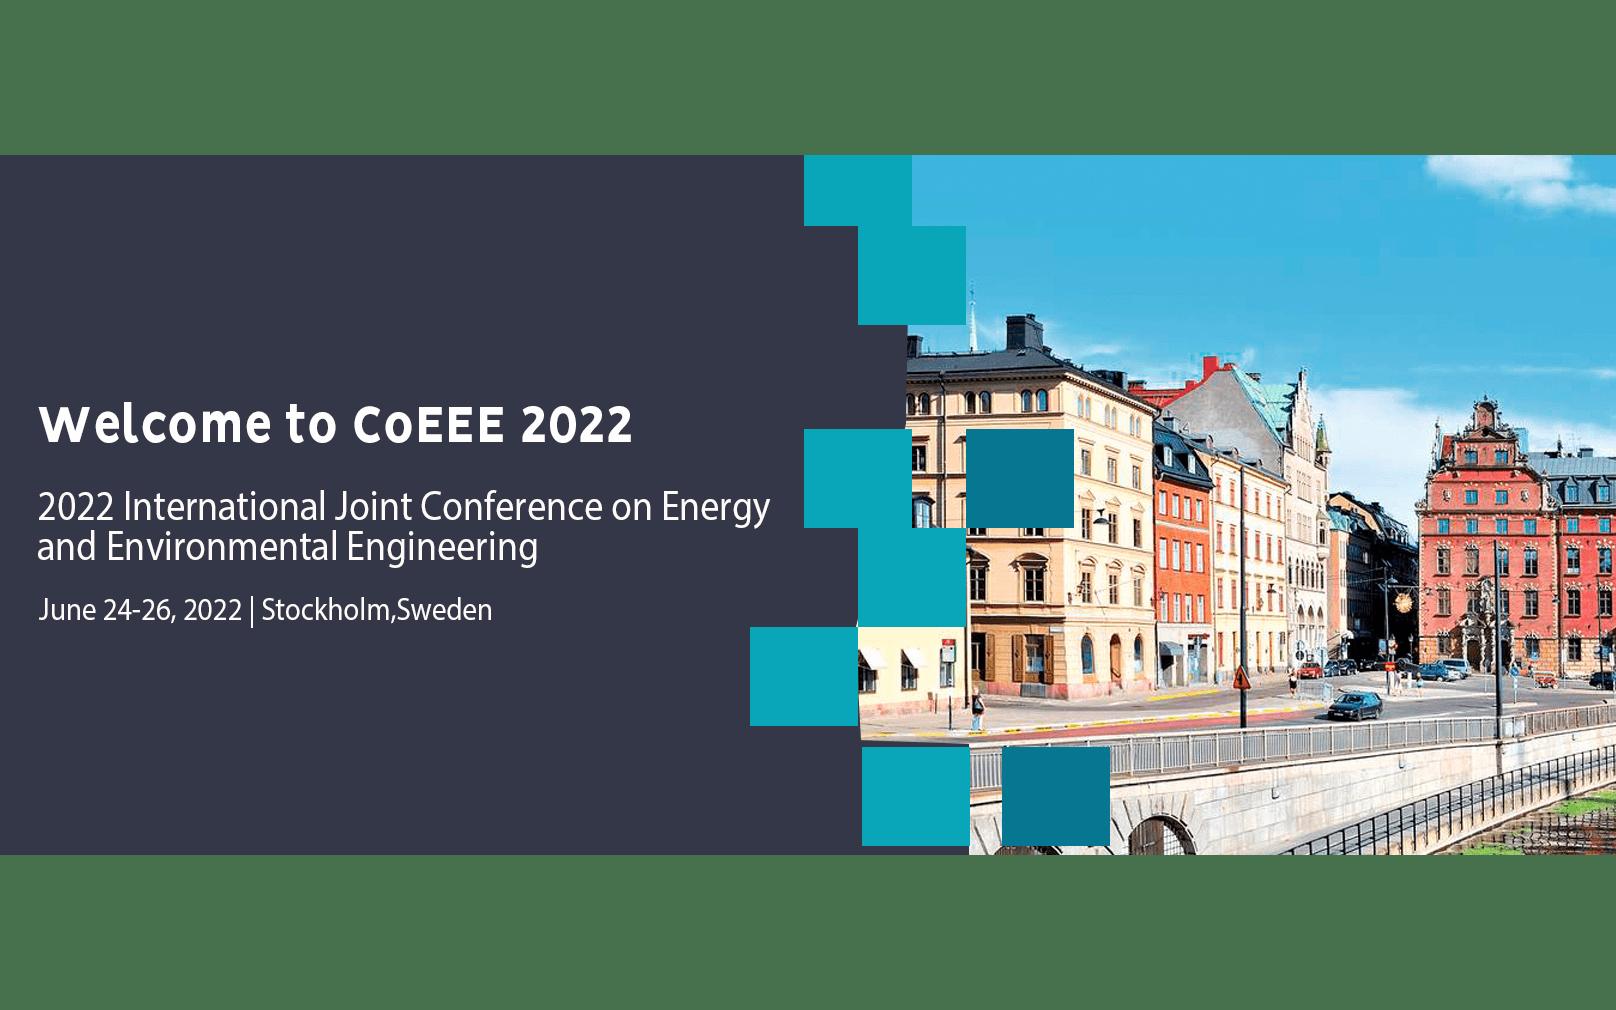 【EI会议】2022年能源与环境工程国际研讨会(CoEEE 2022)